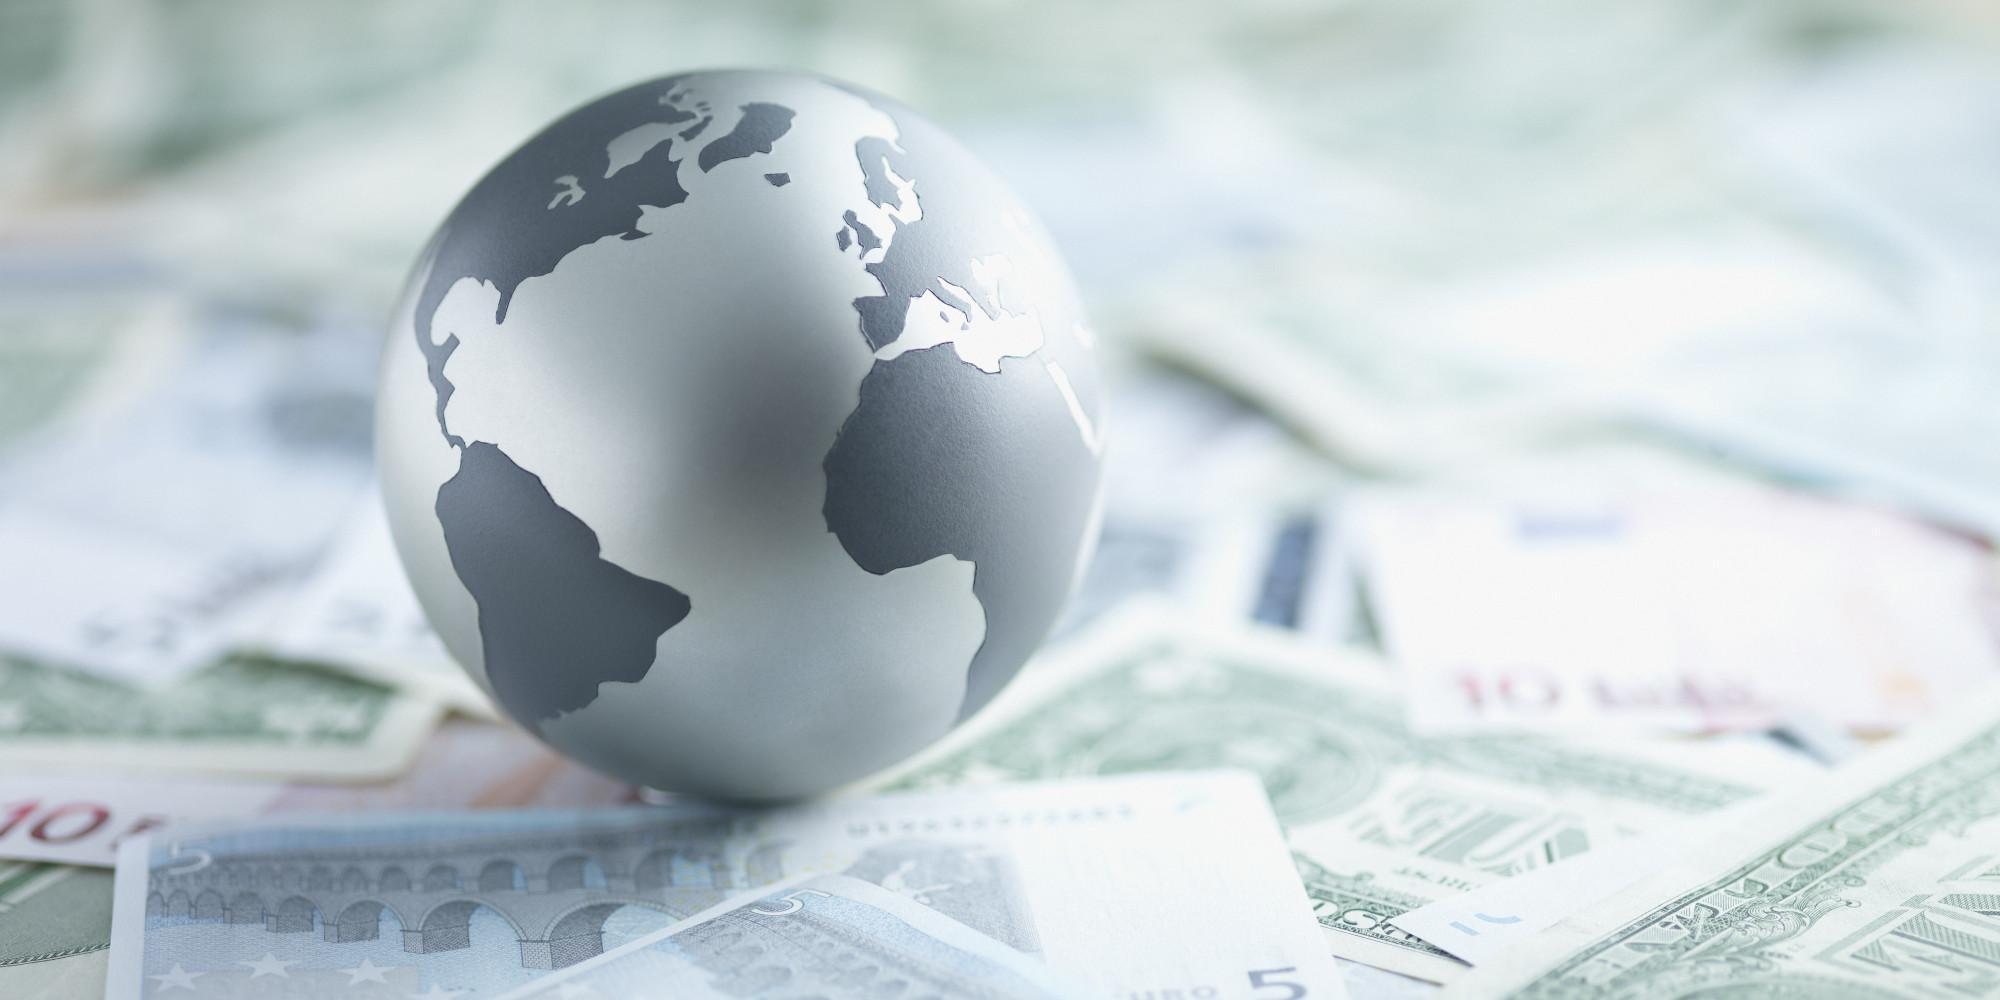 Sự kiện kinh tế - tài chính thế giới nổi bật tuần từ 12-17/9/2016